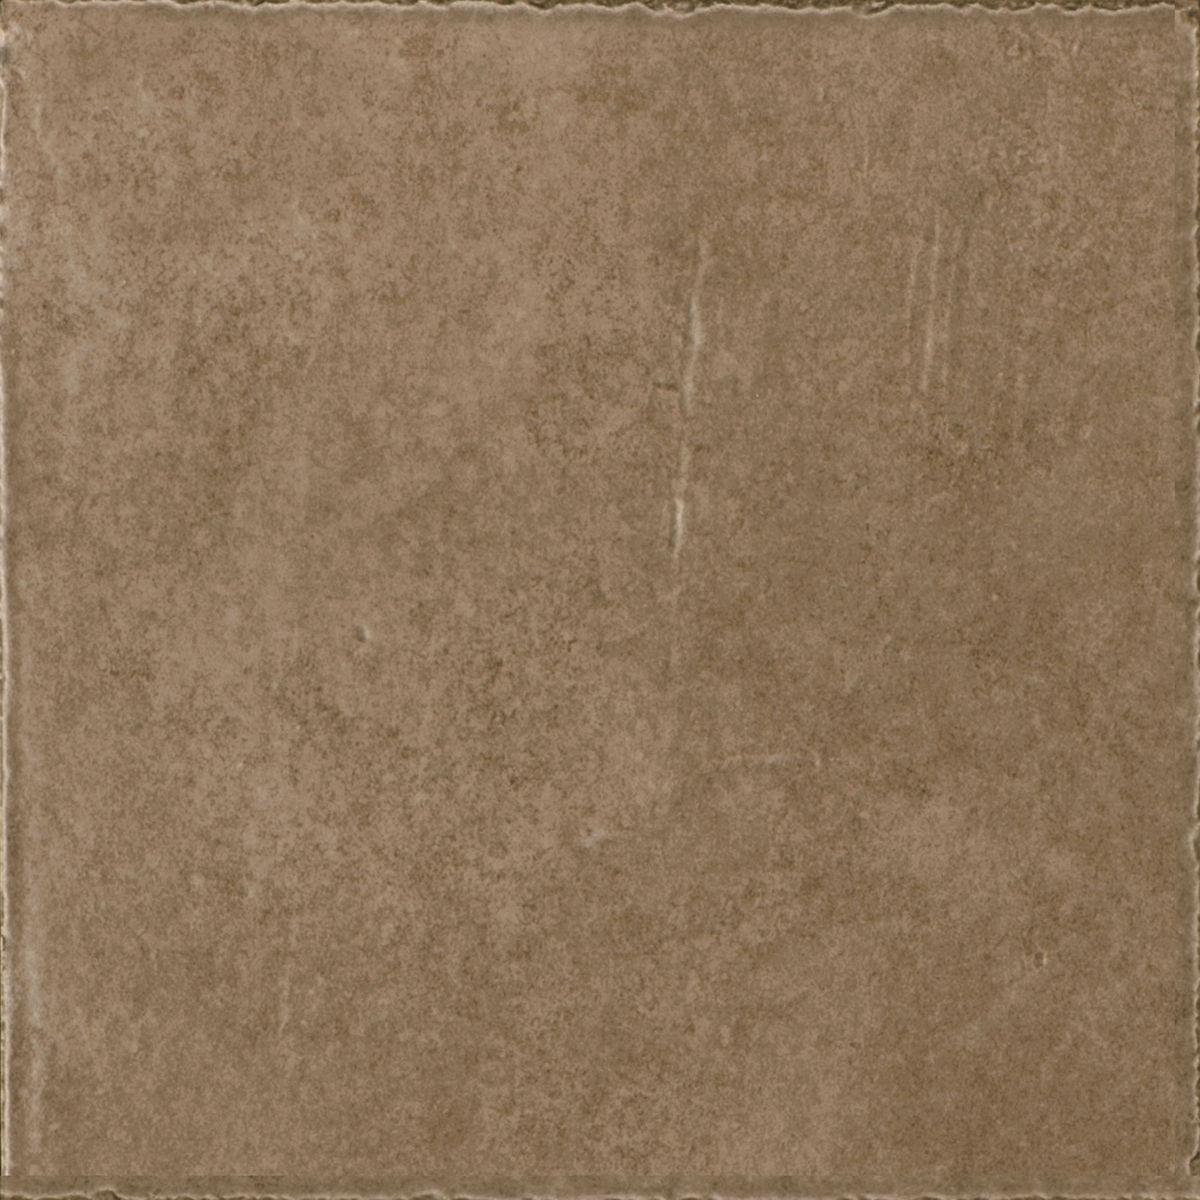 Плитка TABACCO Tabacco (zgxca4) изображение 1